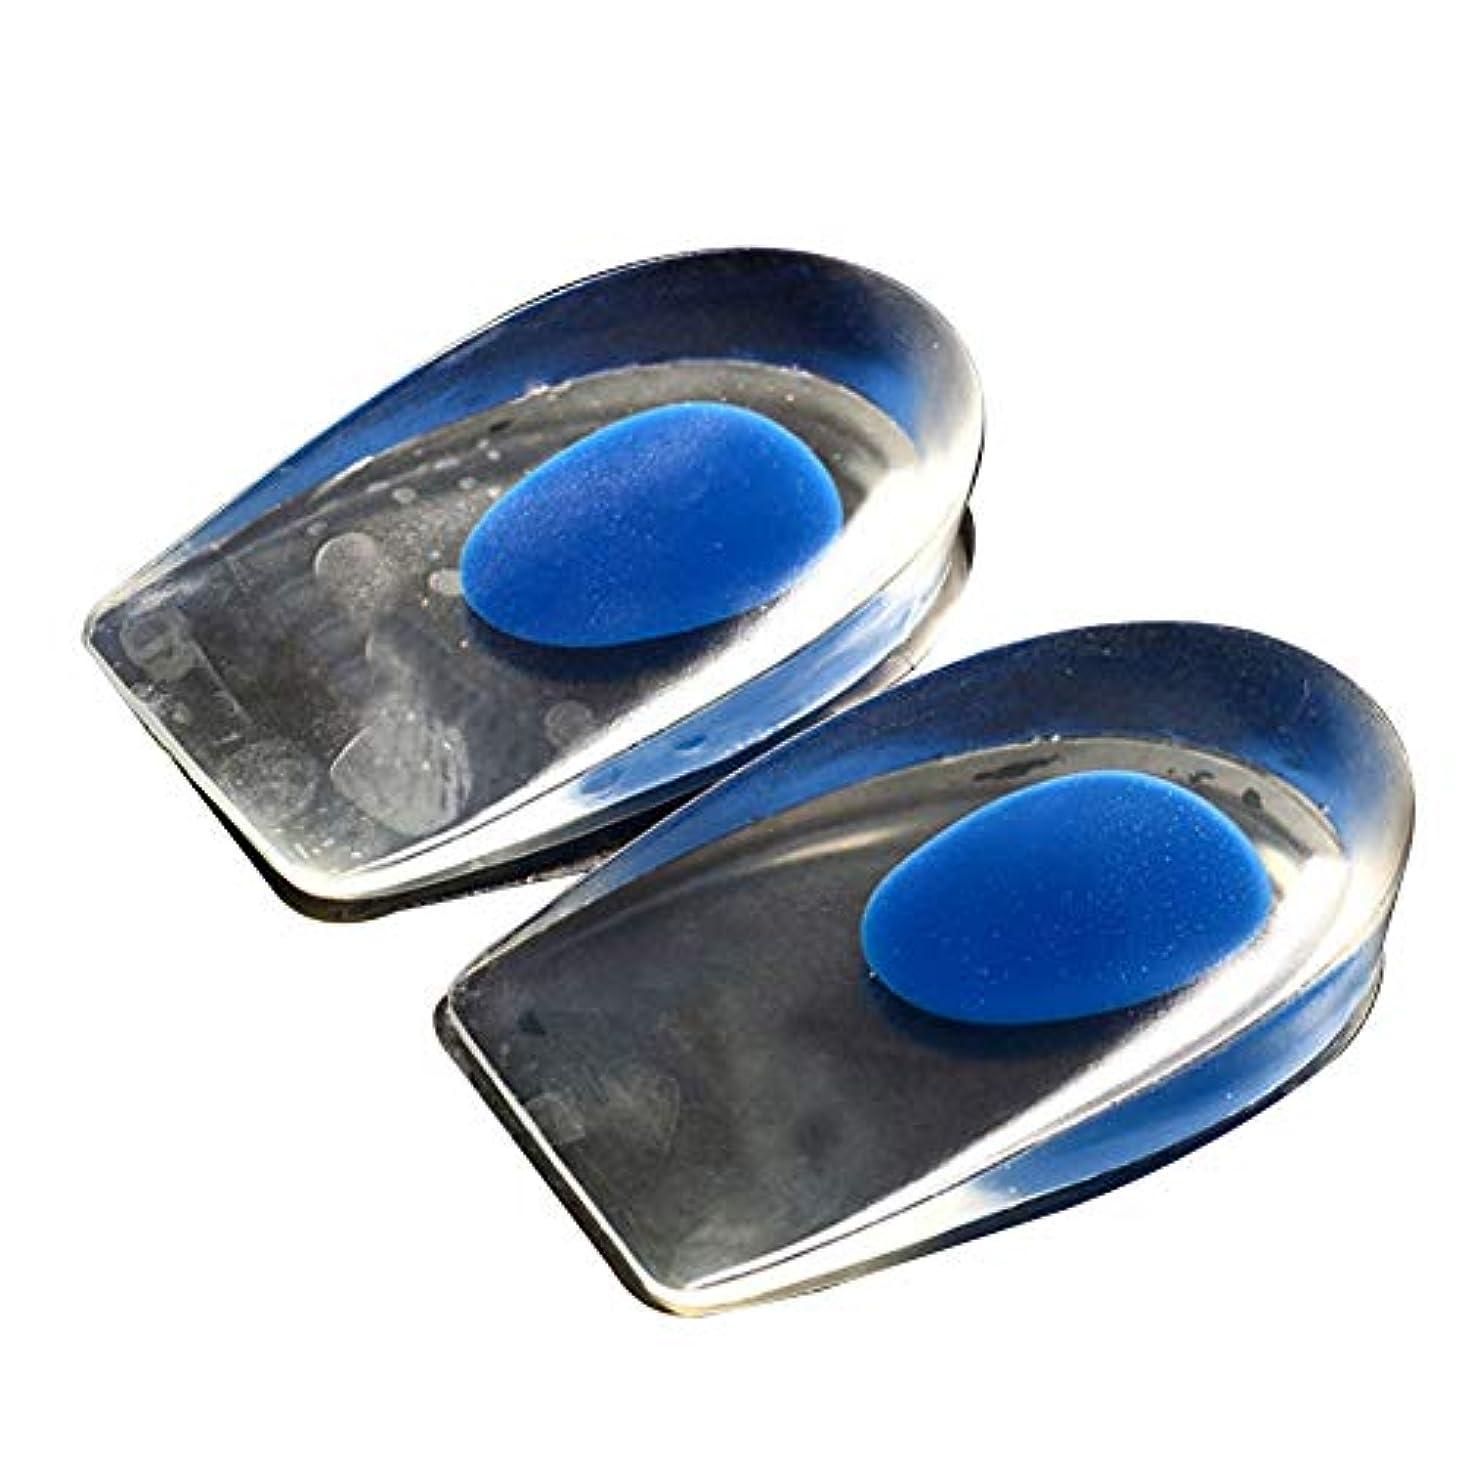 作曲する強打ダブルHappysource 足用保護パッド1ペアジェルヒールカップ足底筋膜炎は、骨の拍車の痛みを軽減するためのシリコンヒールカップパッド